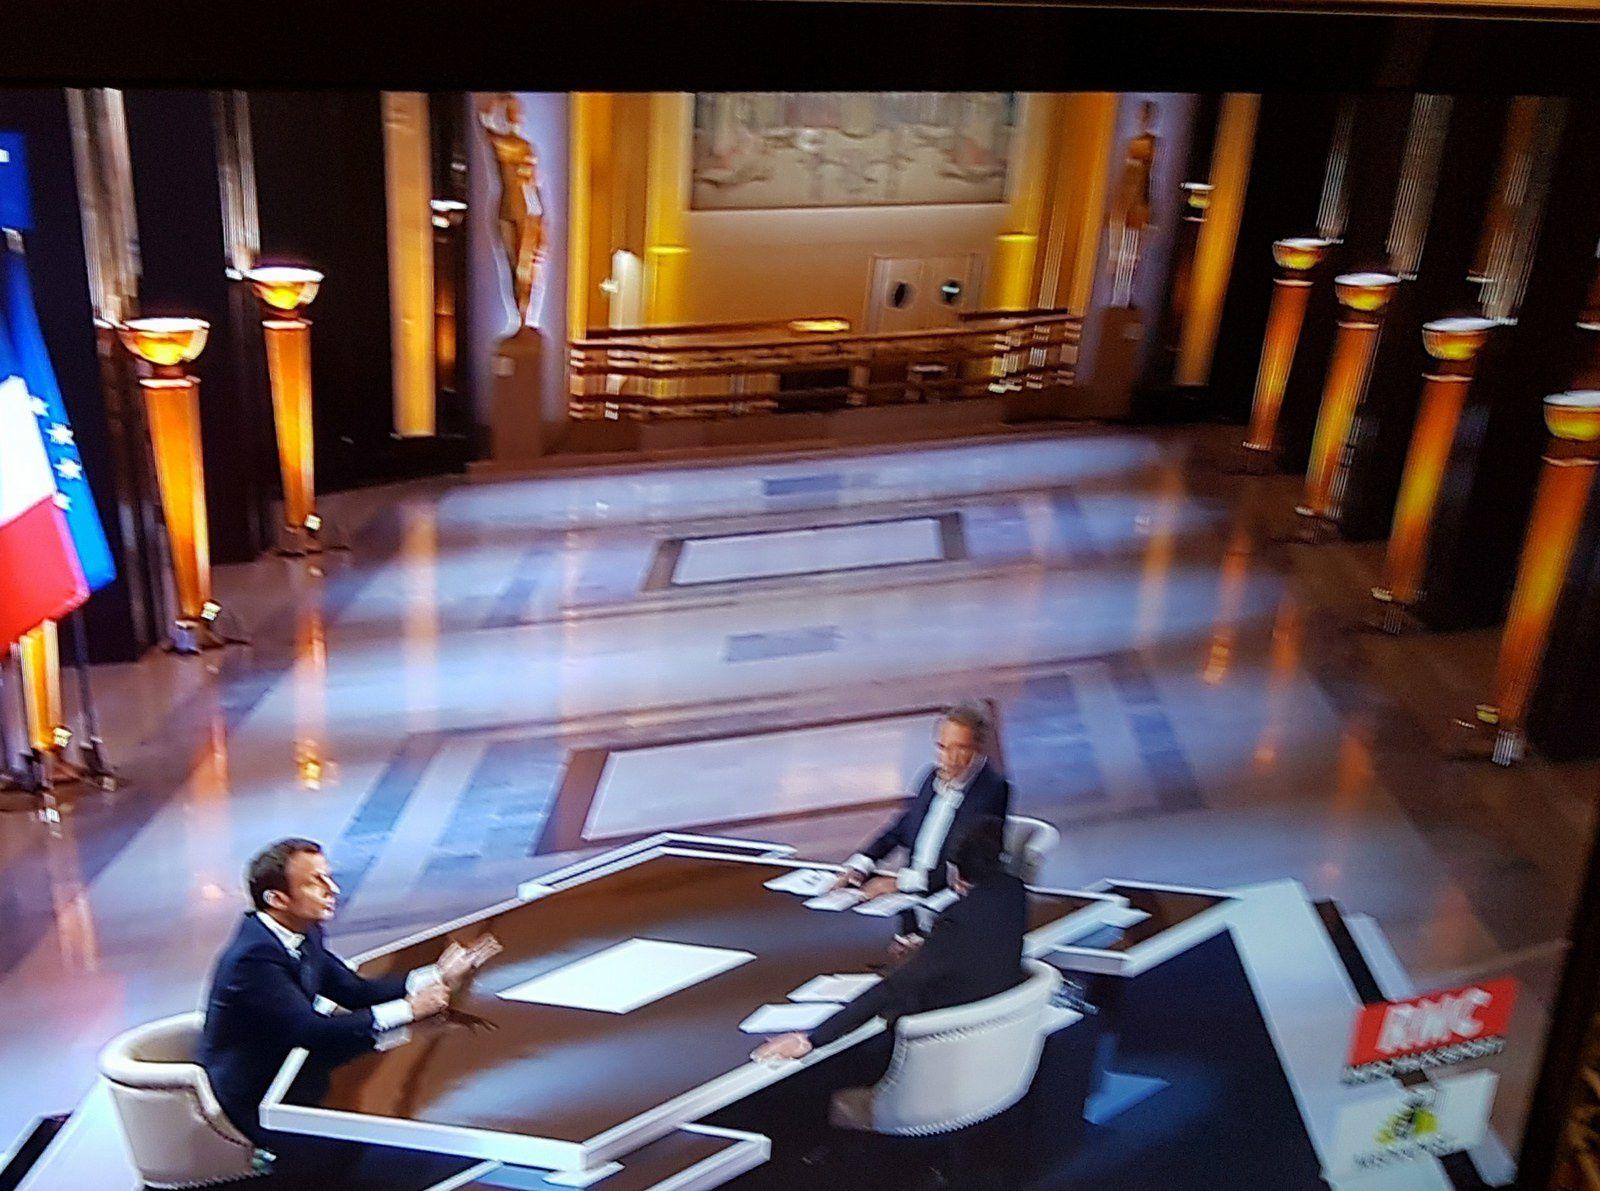 «M. Emmanuel MACRON, président des riches, loin de la foule et des réalités sociales», par M. Amadou Bal BA - http://baamadou.over-blog.fr/